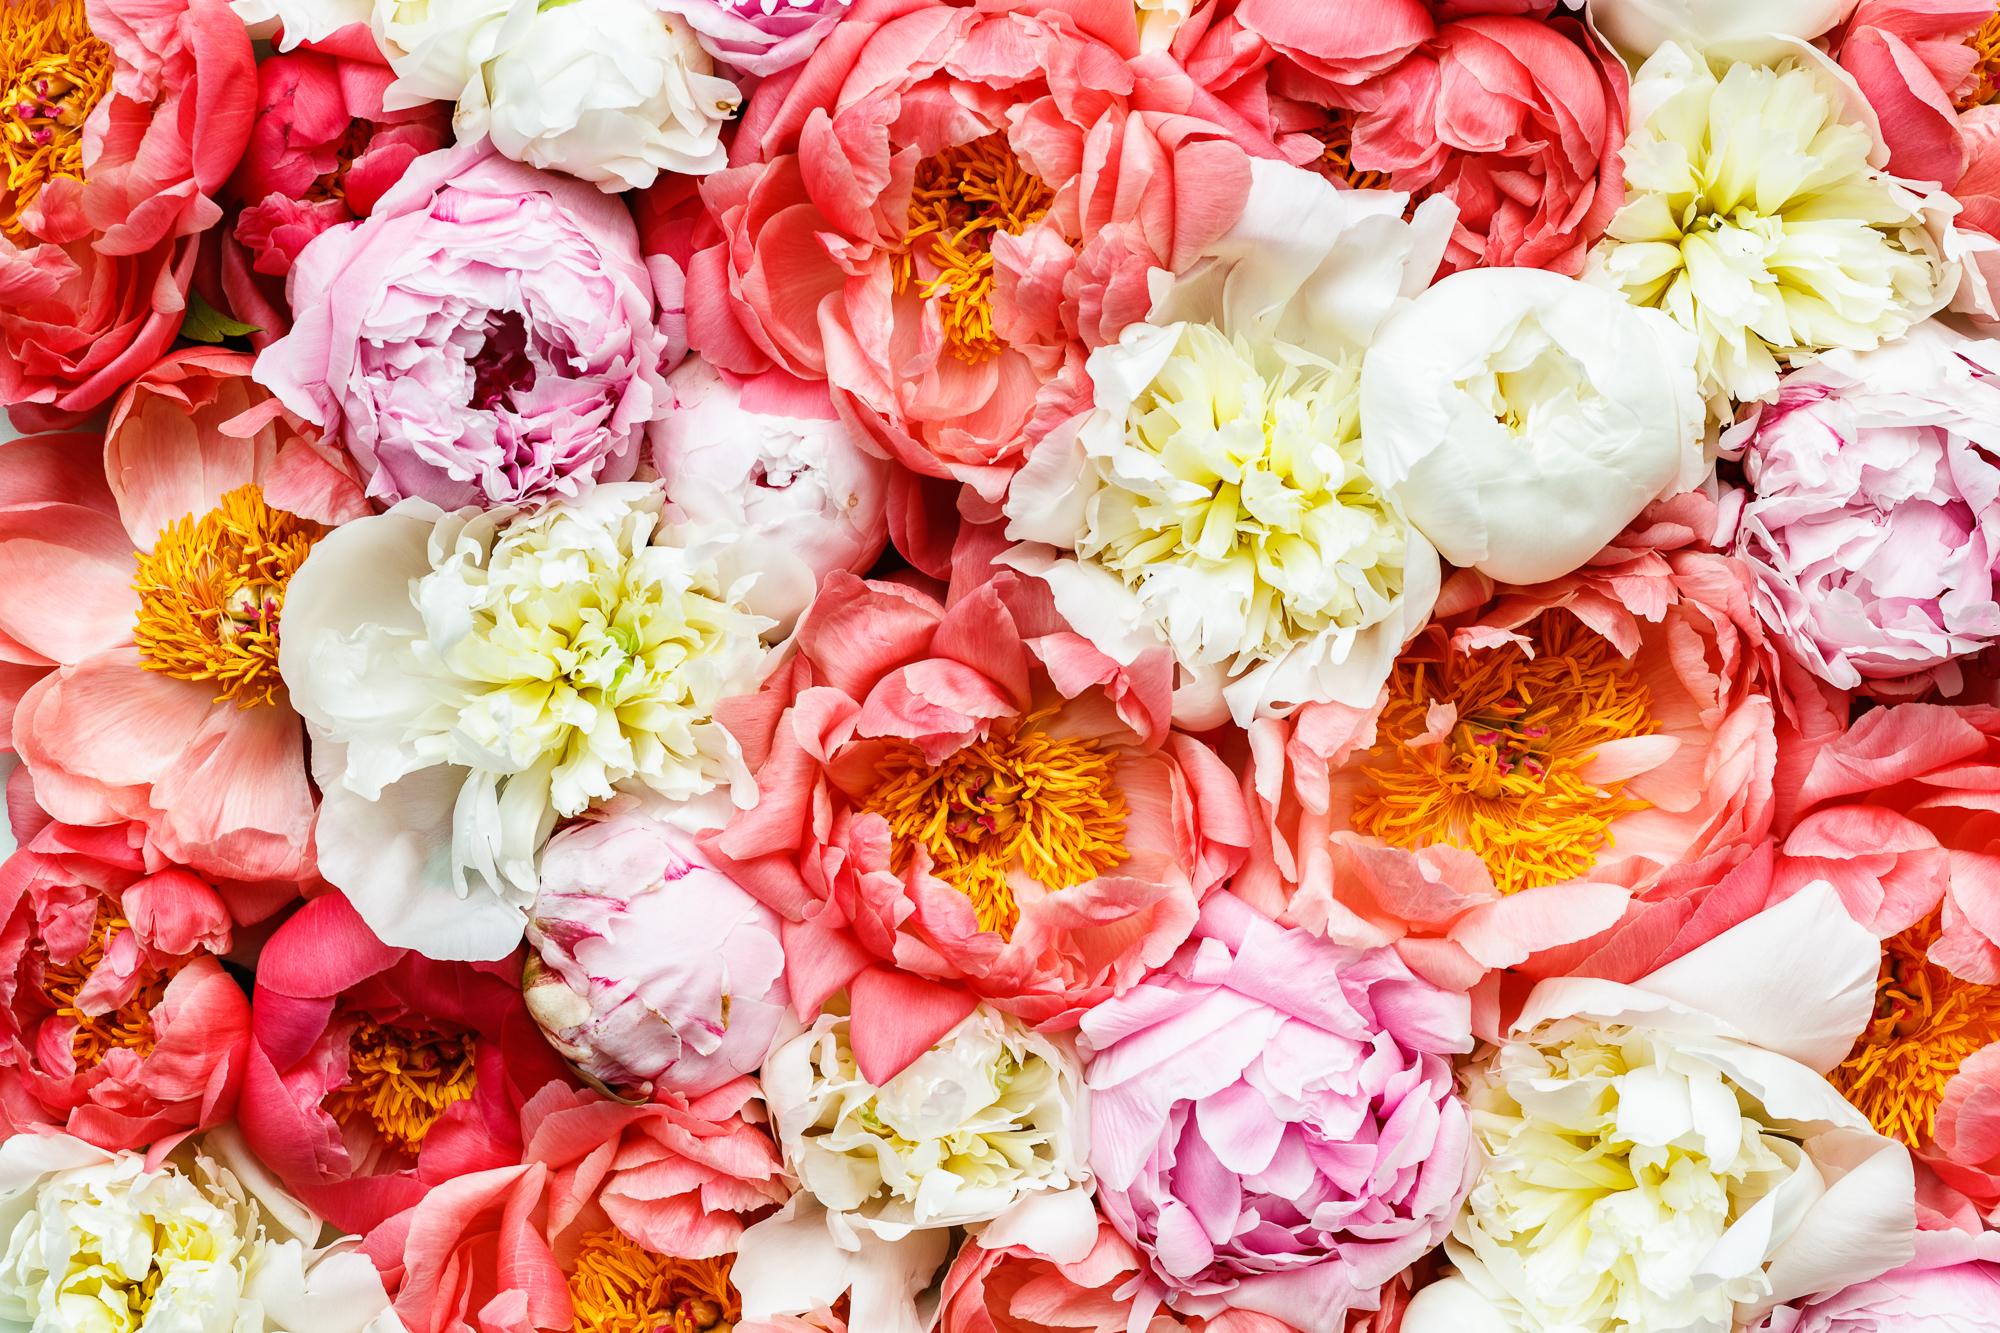 Bloom & Wild April 2017_003 - TG1040_CREDIT_Tom_Griffiths_tomgphoto.co.uk.JPG